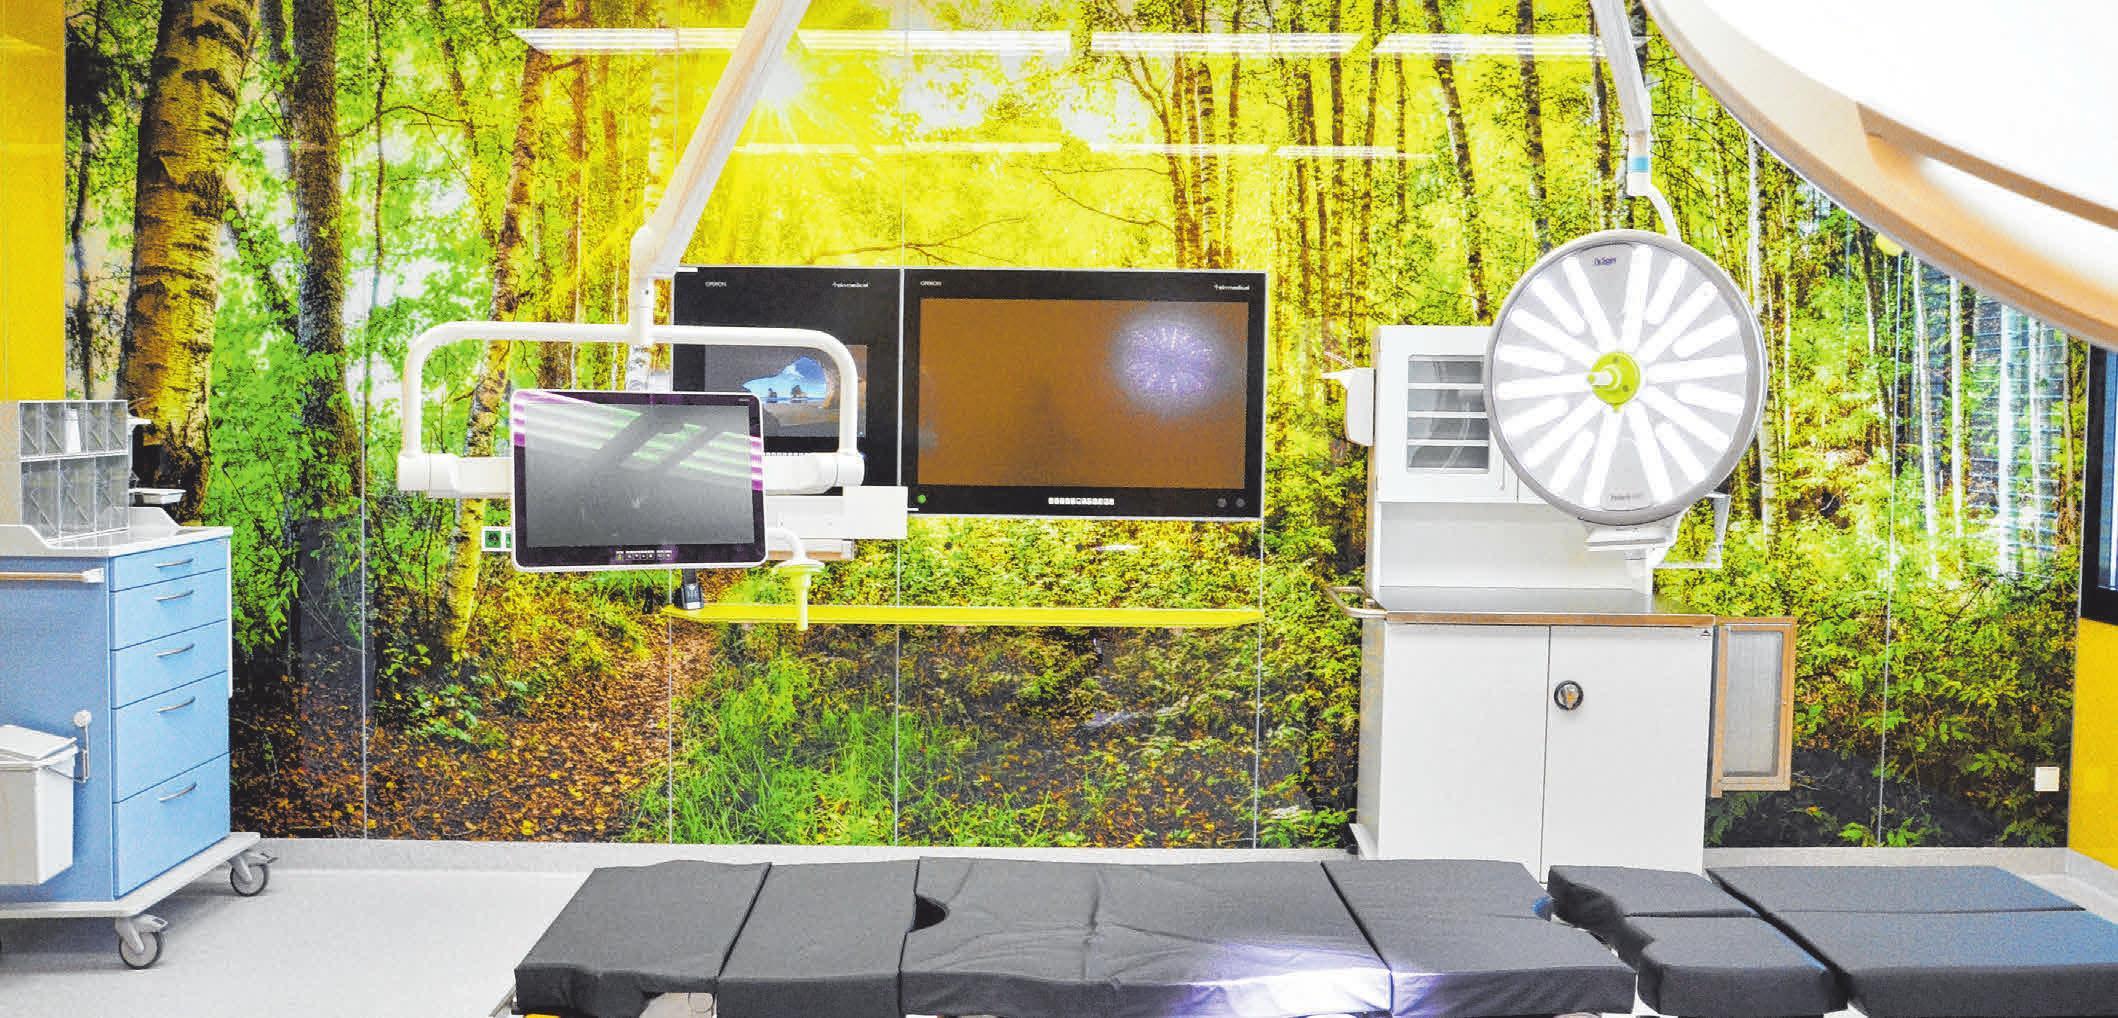 In den sieben, nach dem neuesten Stand der Technik ausgestatteten OP-Sälen werden auf großflächigen Glaswänden regionale Motive gezeigt.